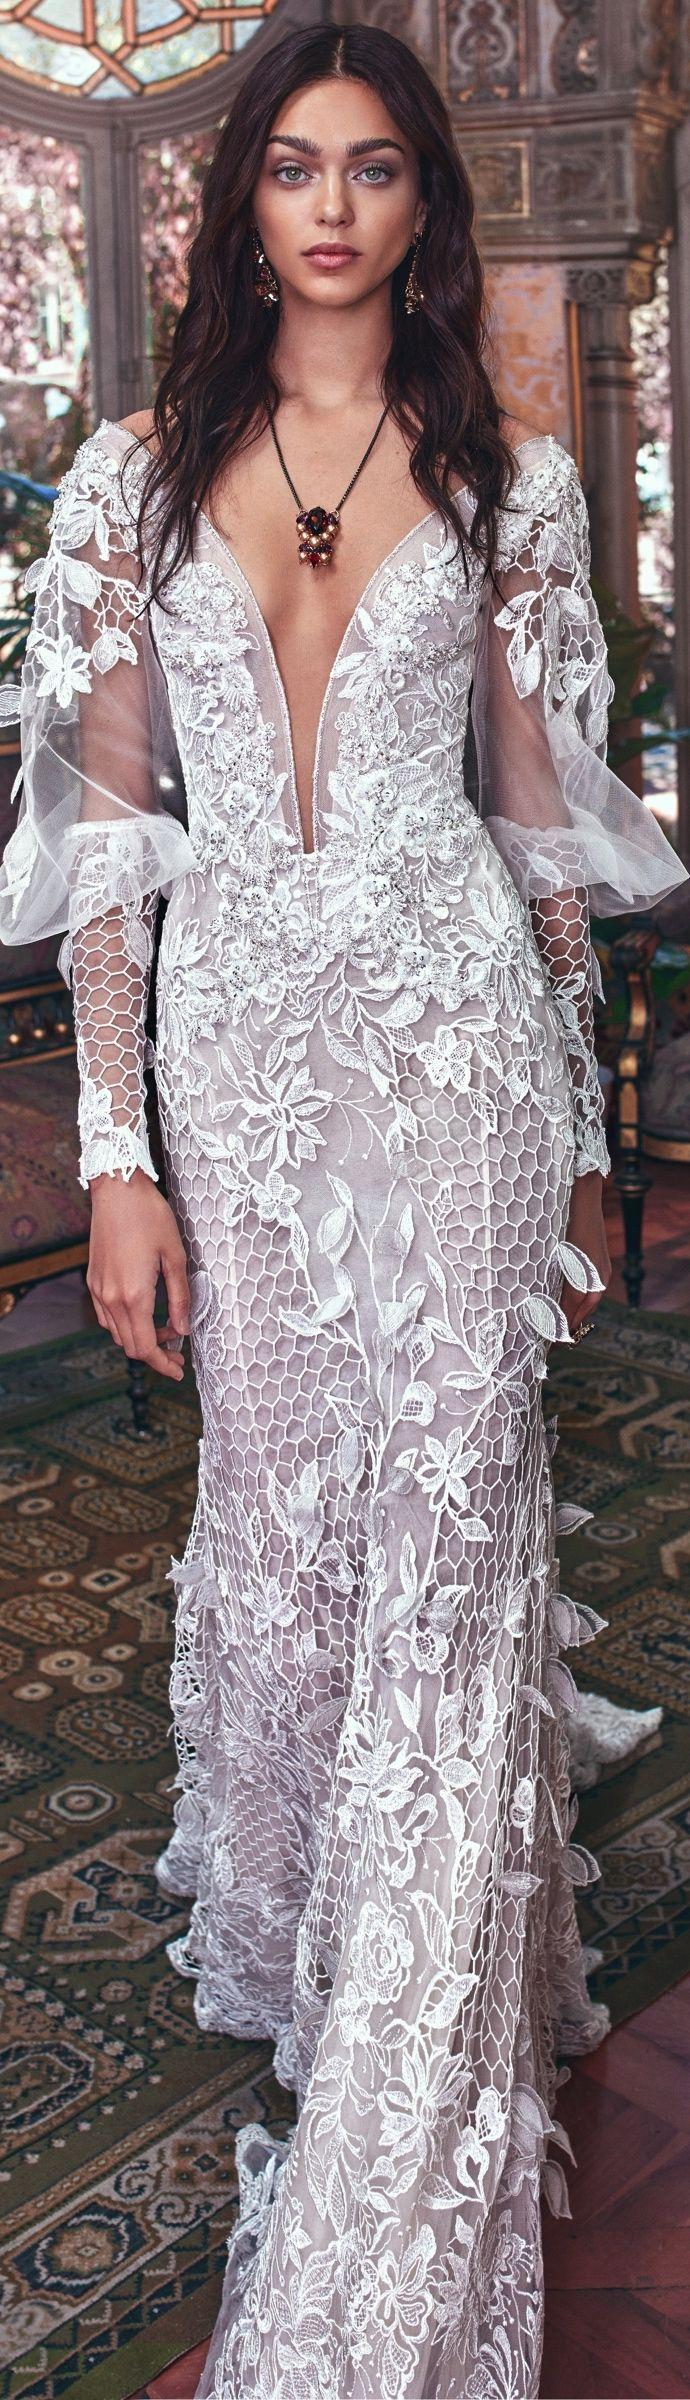 Ziemlich Seltsam Brautjunferkleider Zeitgenössisch - Brautkleider ...